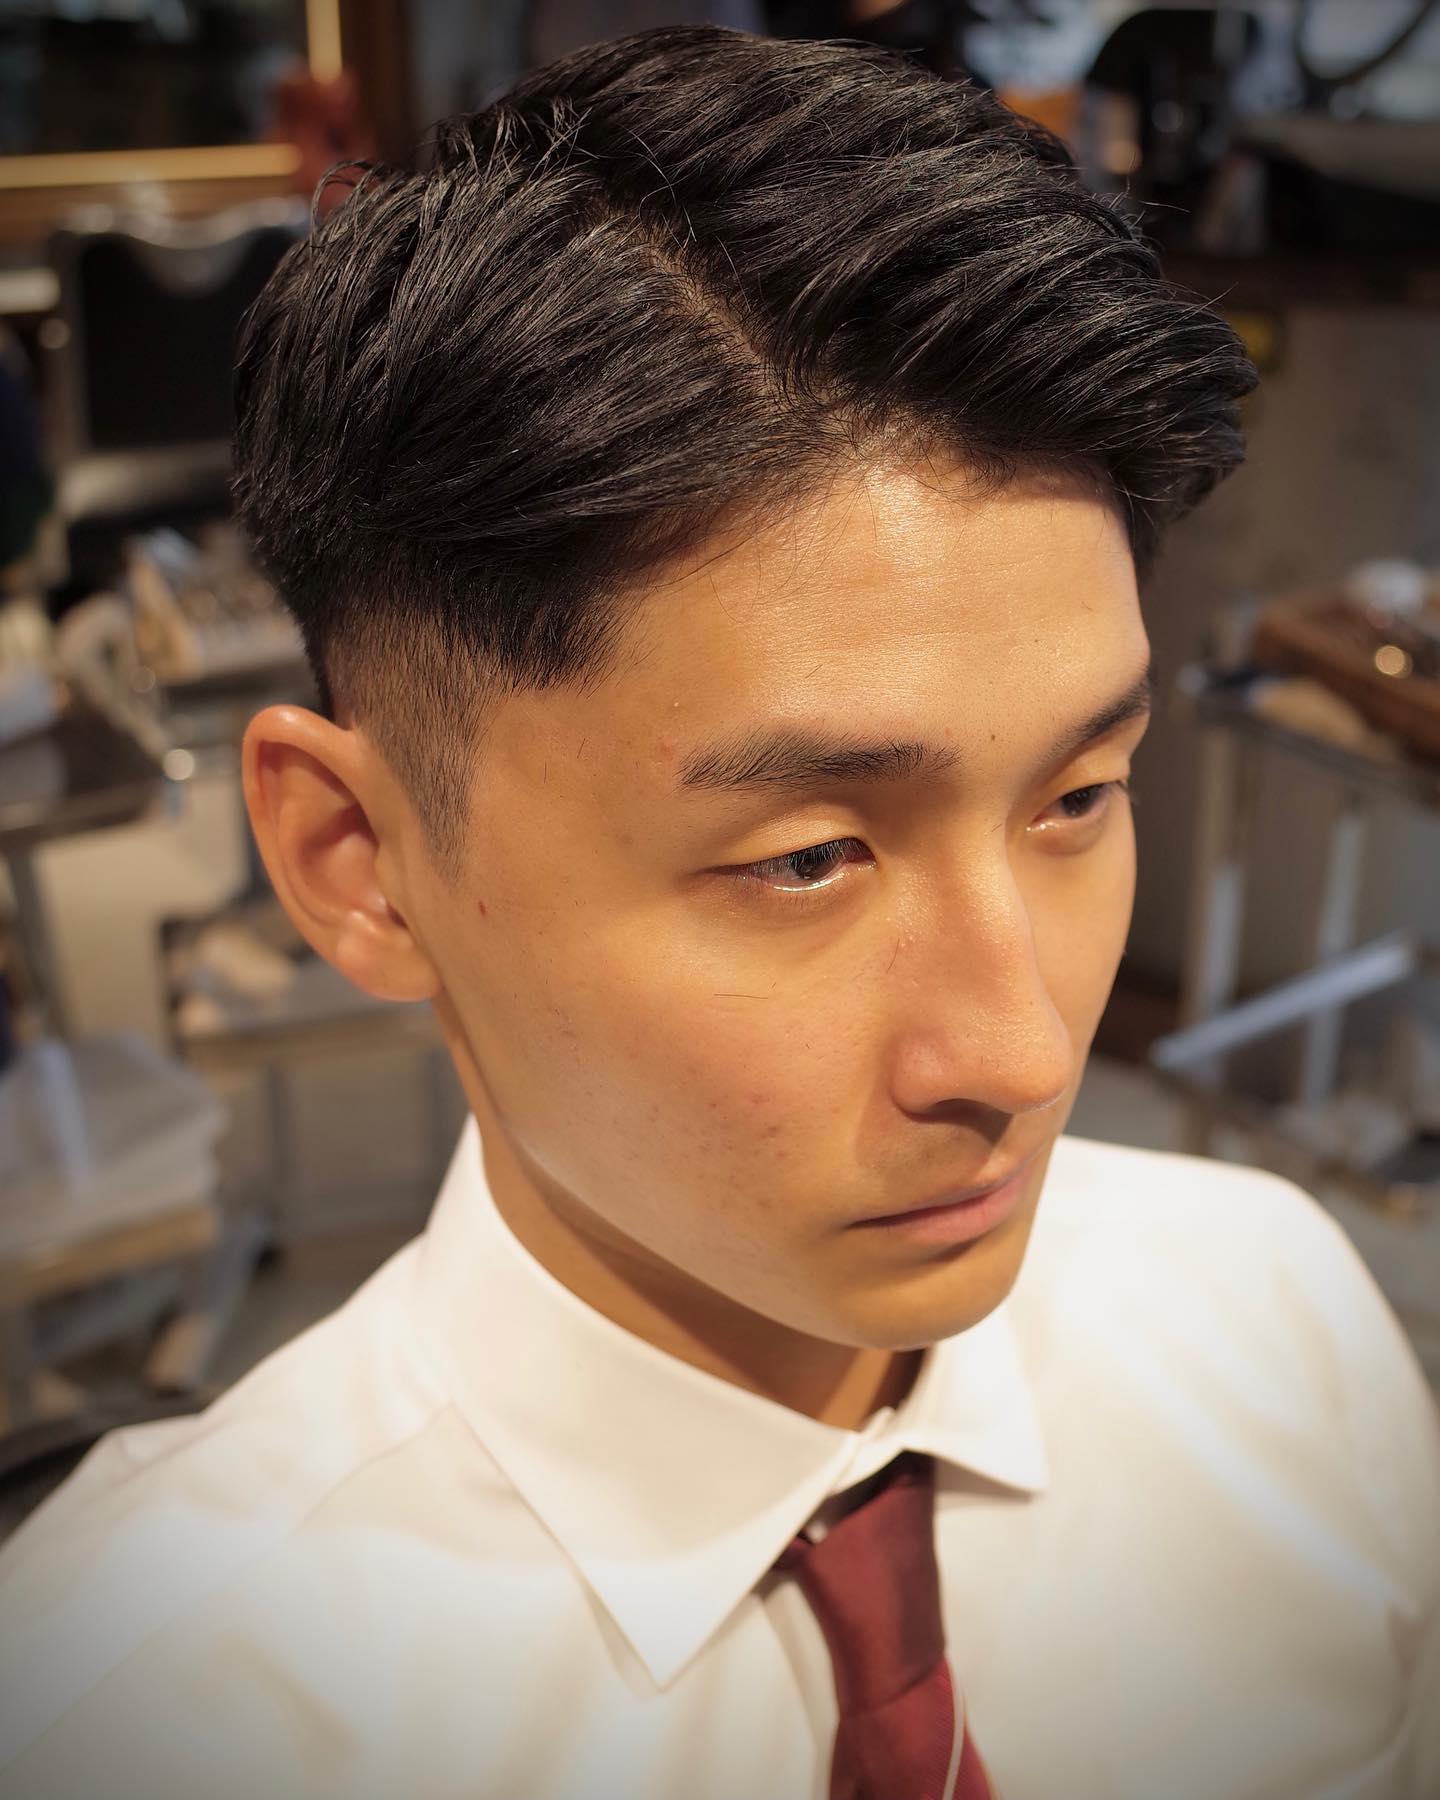 人の第一印象を決める要素は 見た目が約6割と言われている   マスクで顔が覆われているから 髪型が与える印象は今まで以上に大きくなっていると思う   すっきり刈り上げた七三分けなら どこで、誰と会ってもまず外すことはない   スーツとの相性は言うまでもなく◎ 人と会うお仕事、就活中のあなたに是非    stylist:山本和彦 (@kazuhiko_menshair)⠀  #メンズヘア専門美容師 #男性専門美容師 #ヤマモトカズヒコ #山本和彦 #メンズヘア #メンズヘアスタイル #メンズカット #メンズパーマ #メンズショート #短髪 #刈り上げ #フェード #フェードスタイル #2ブロック #身だしなみ #ポマード #表参道 #表参道美容室 #青山 #青山美容室 #メンズ美容室 #メンズサロン #メンズグルーミングサロン #メンズグルーミングサロン青山店  #mensgroomingsalon #mensgroomingsalonaoyama #ギャラリー #ベリーショート #七三分け #ビジネス